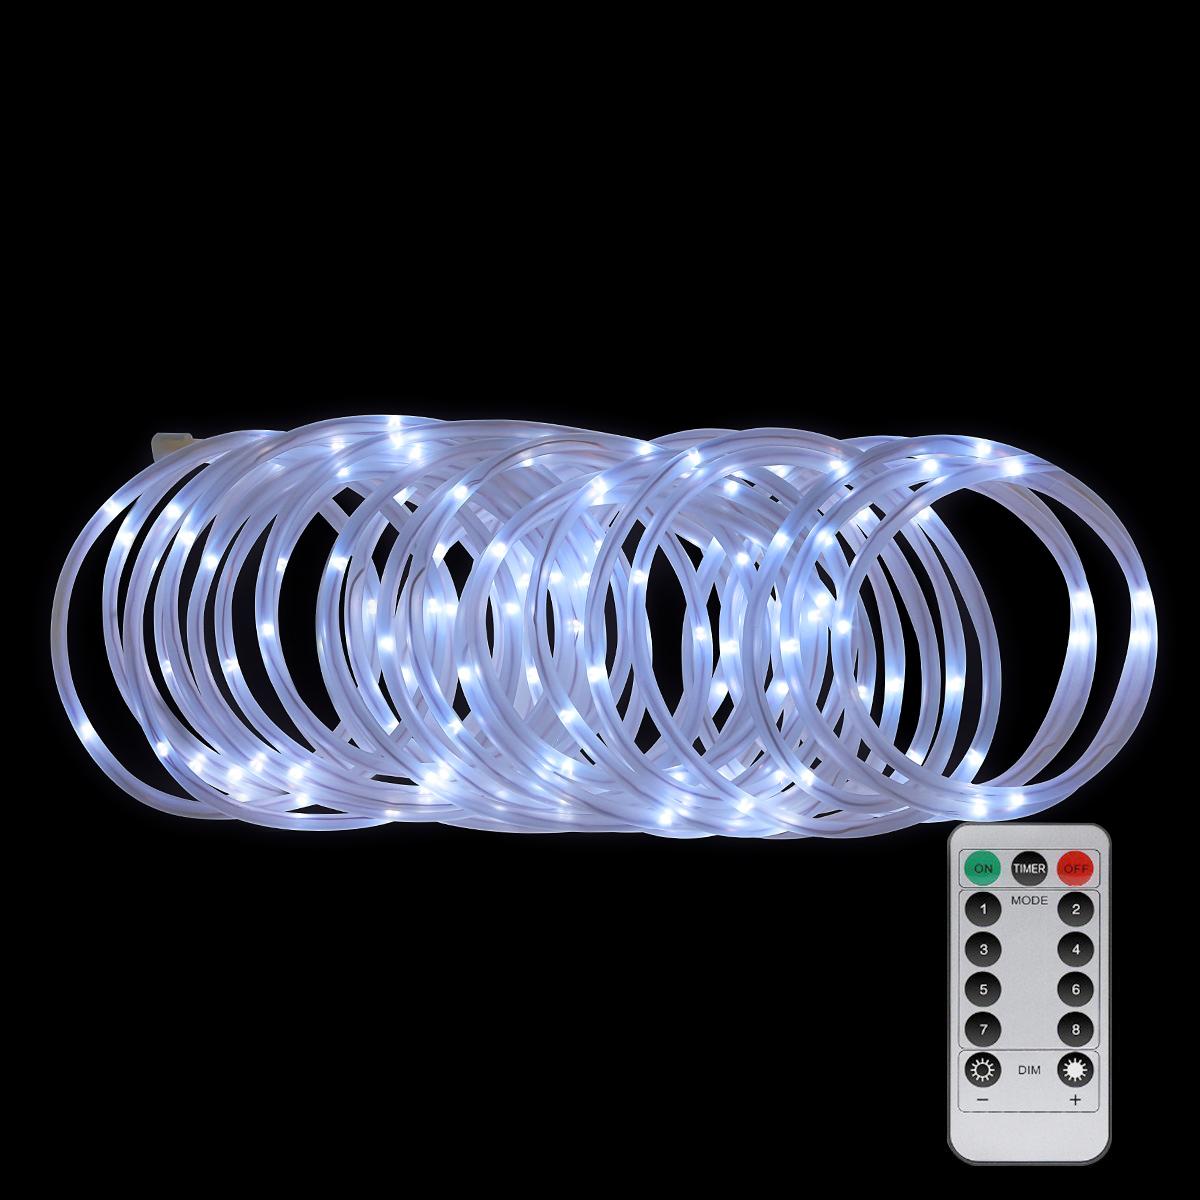 2x 10m led lichterschlauch lichterkette 8modi innen au en lichtschlauch kaltwei ebay. Black Bedroom Furniture Sets. Home Design Ideas